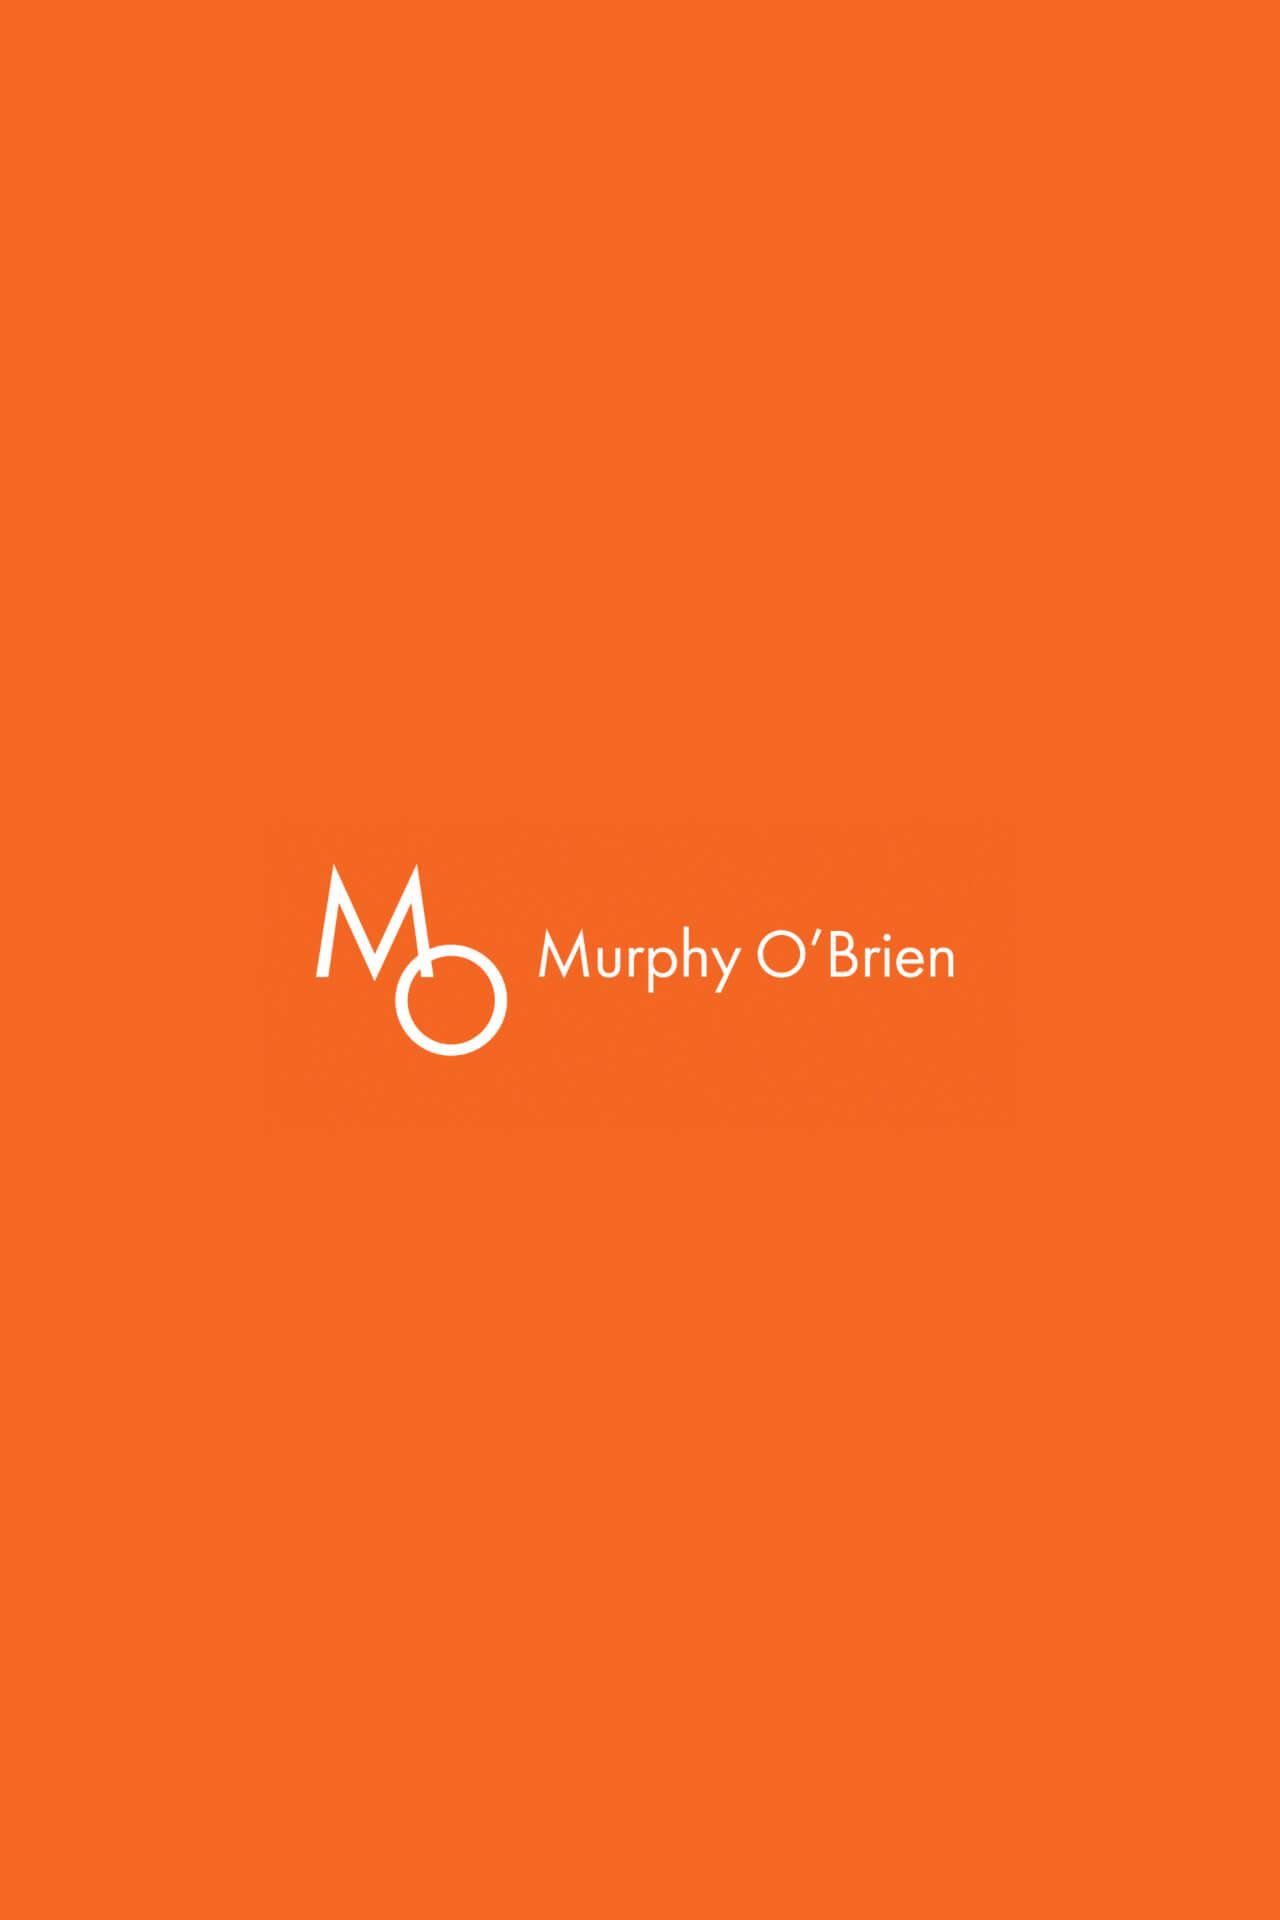 Murphy OBrien